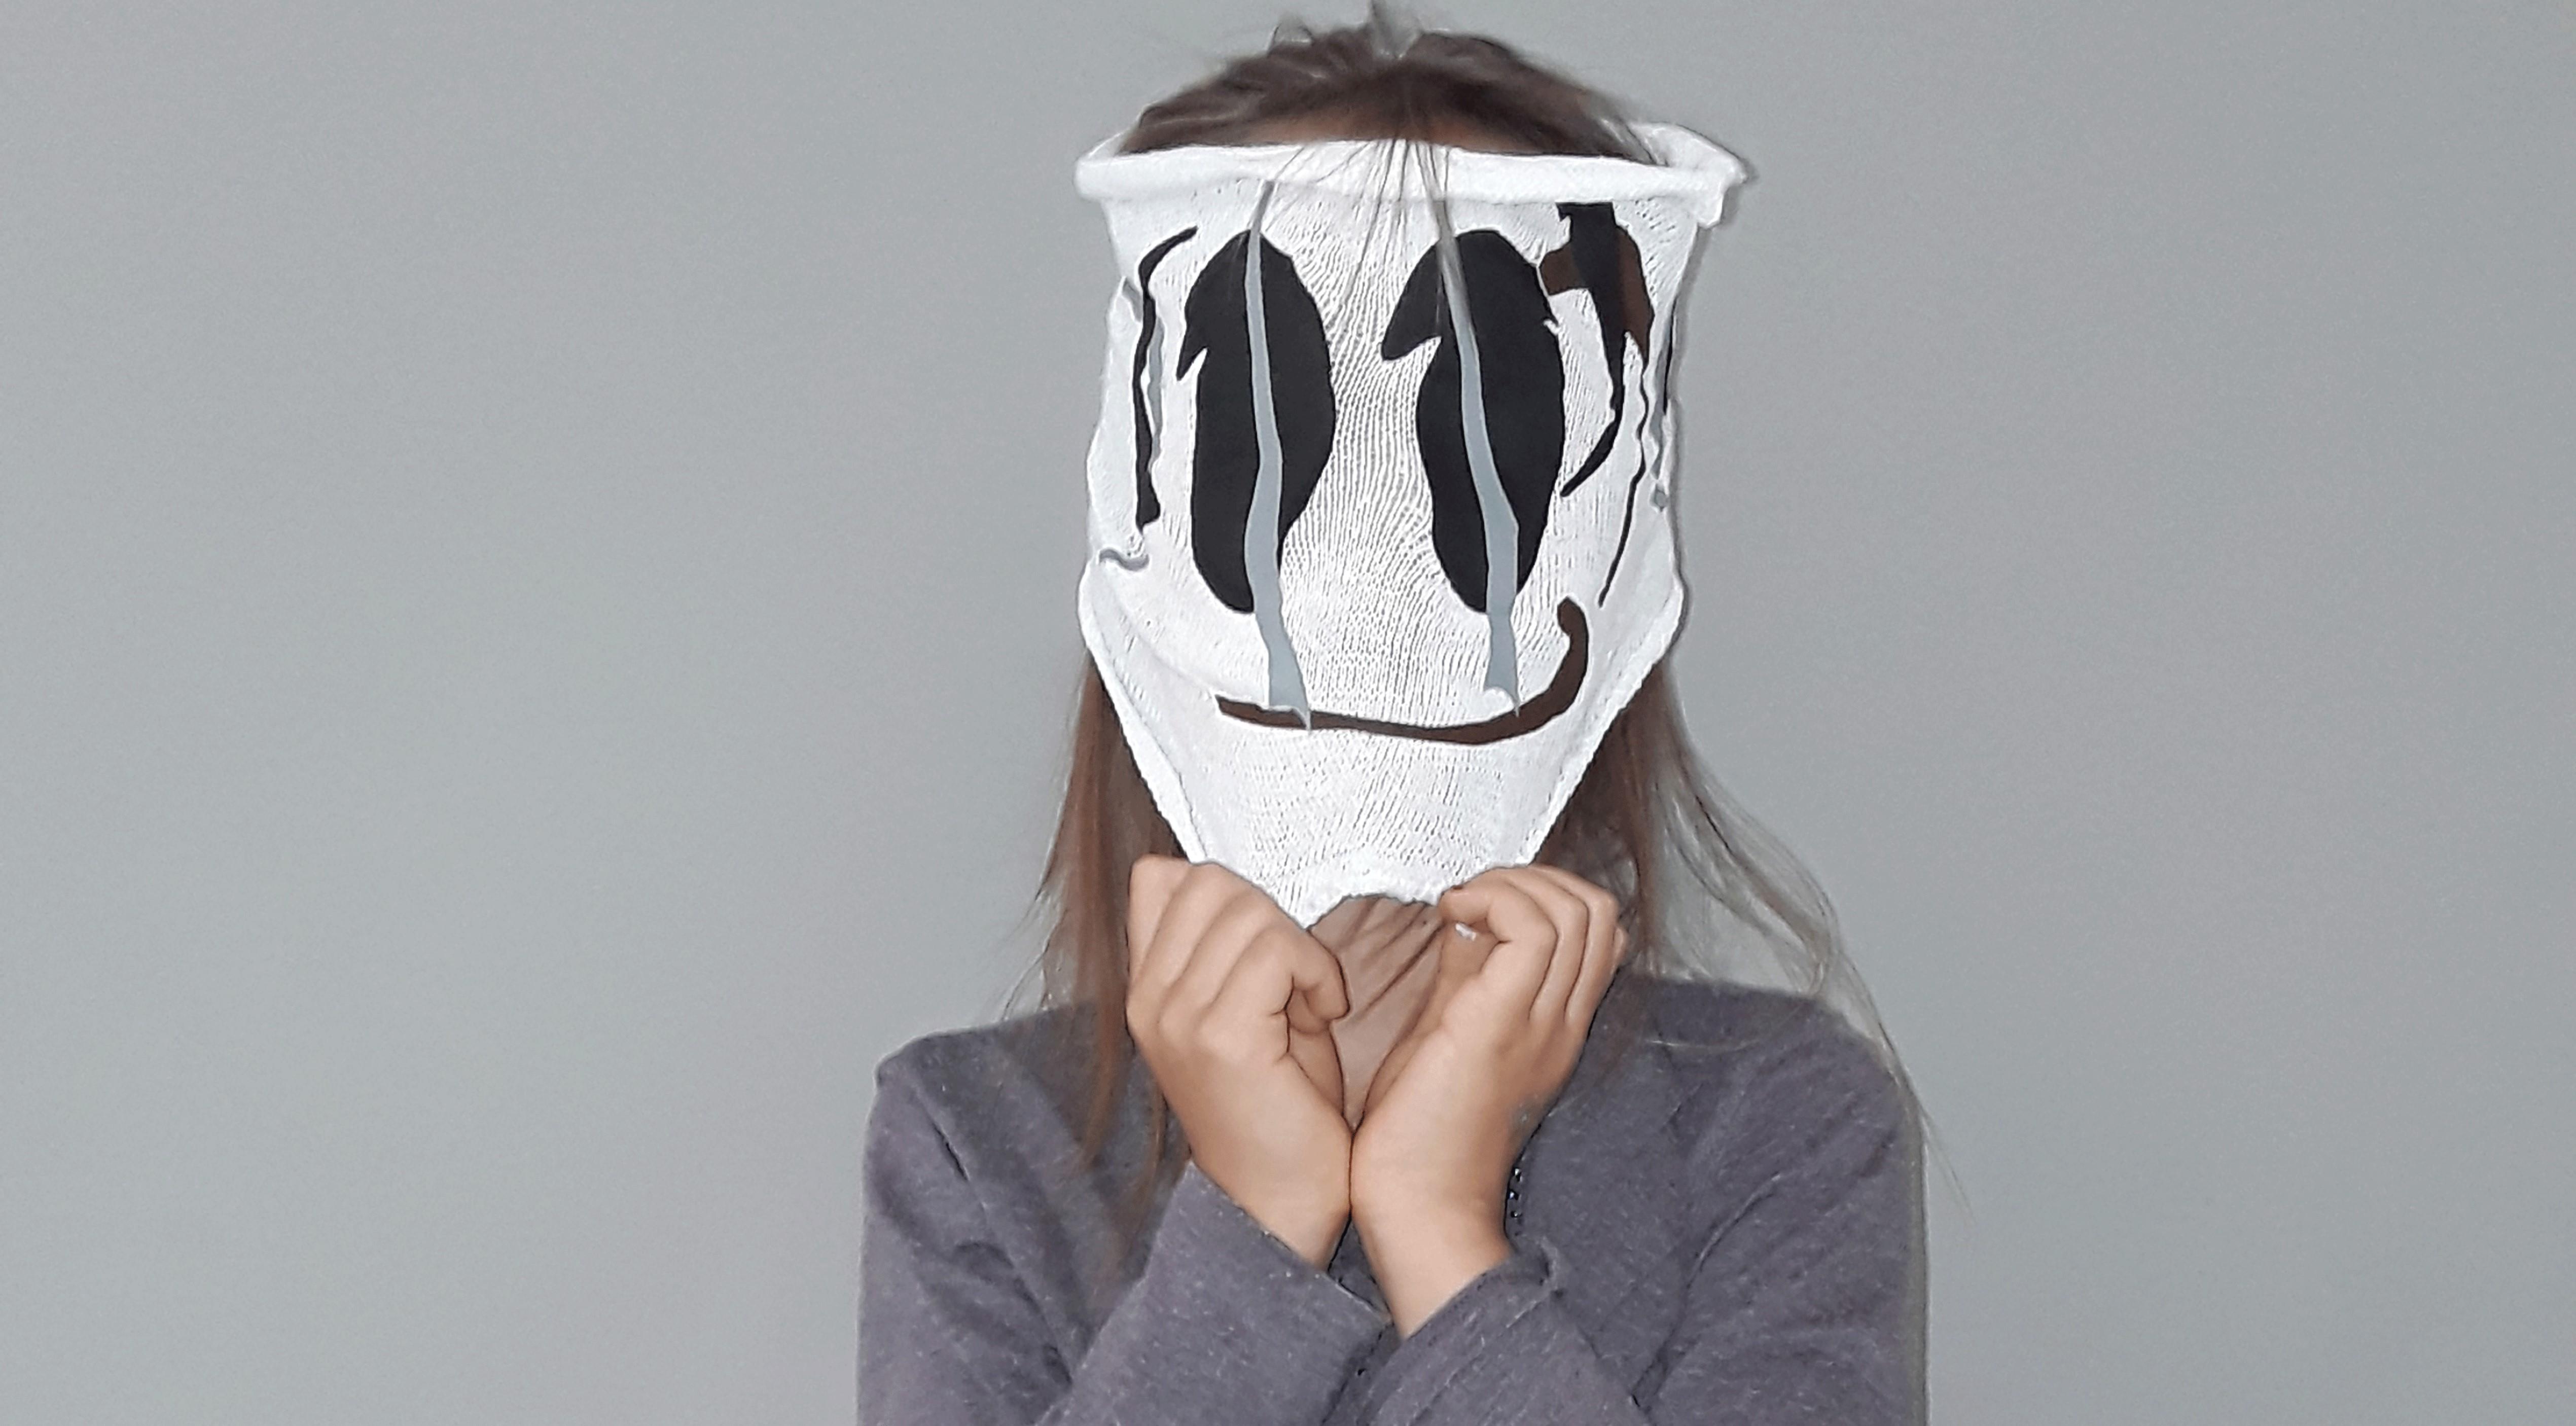 Anónimo. 2019. Saura. 1